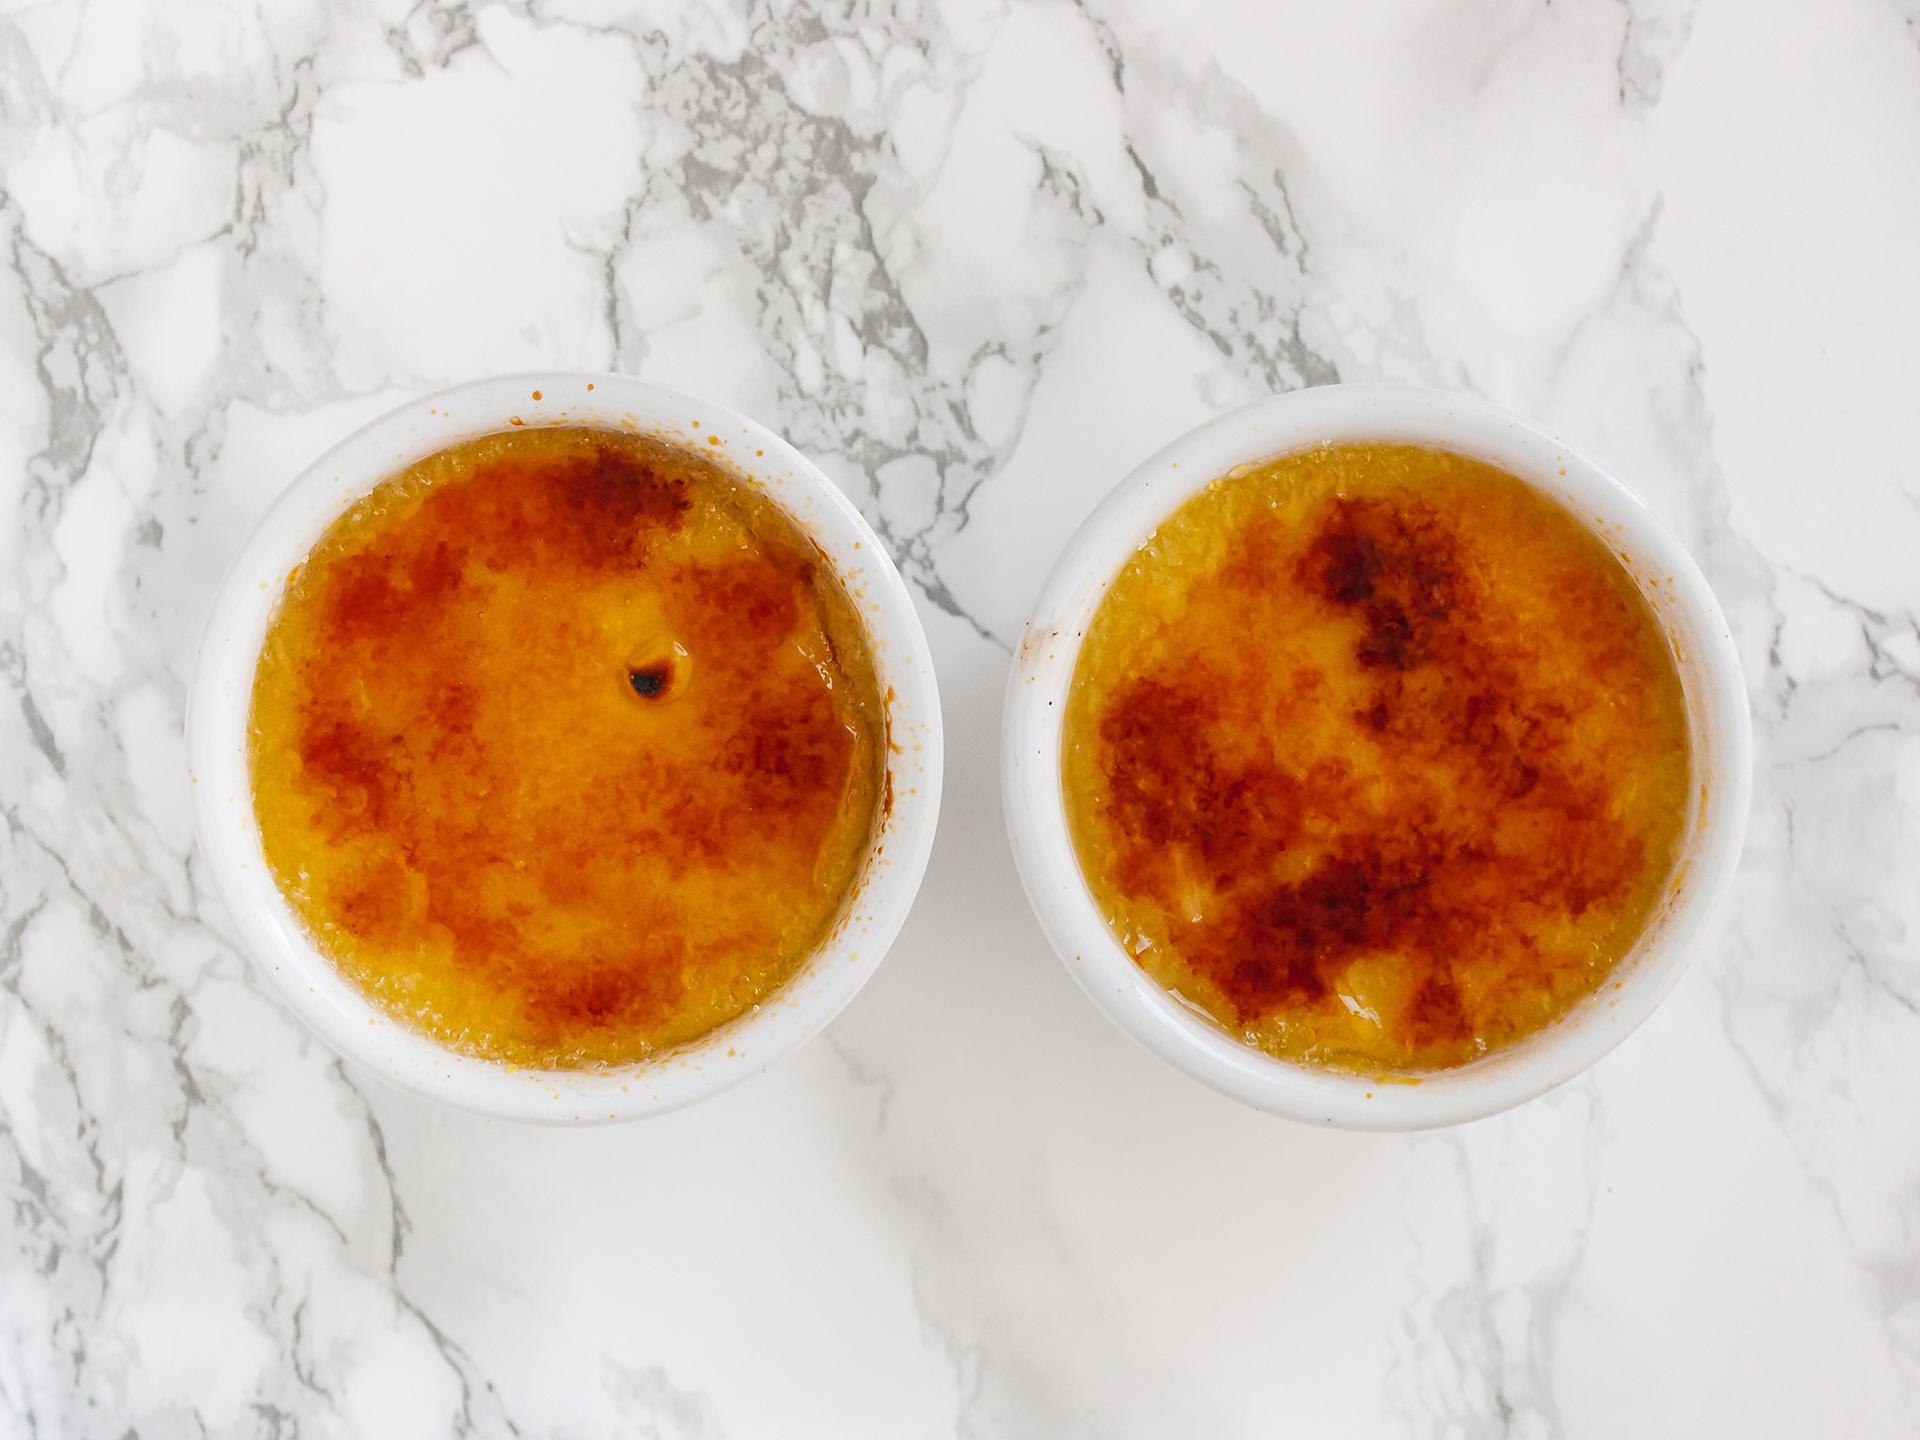 Step 4.2 of No Bake Vegan Mango Crème Brûlée